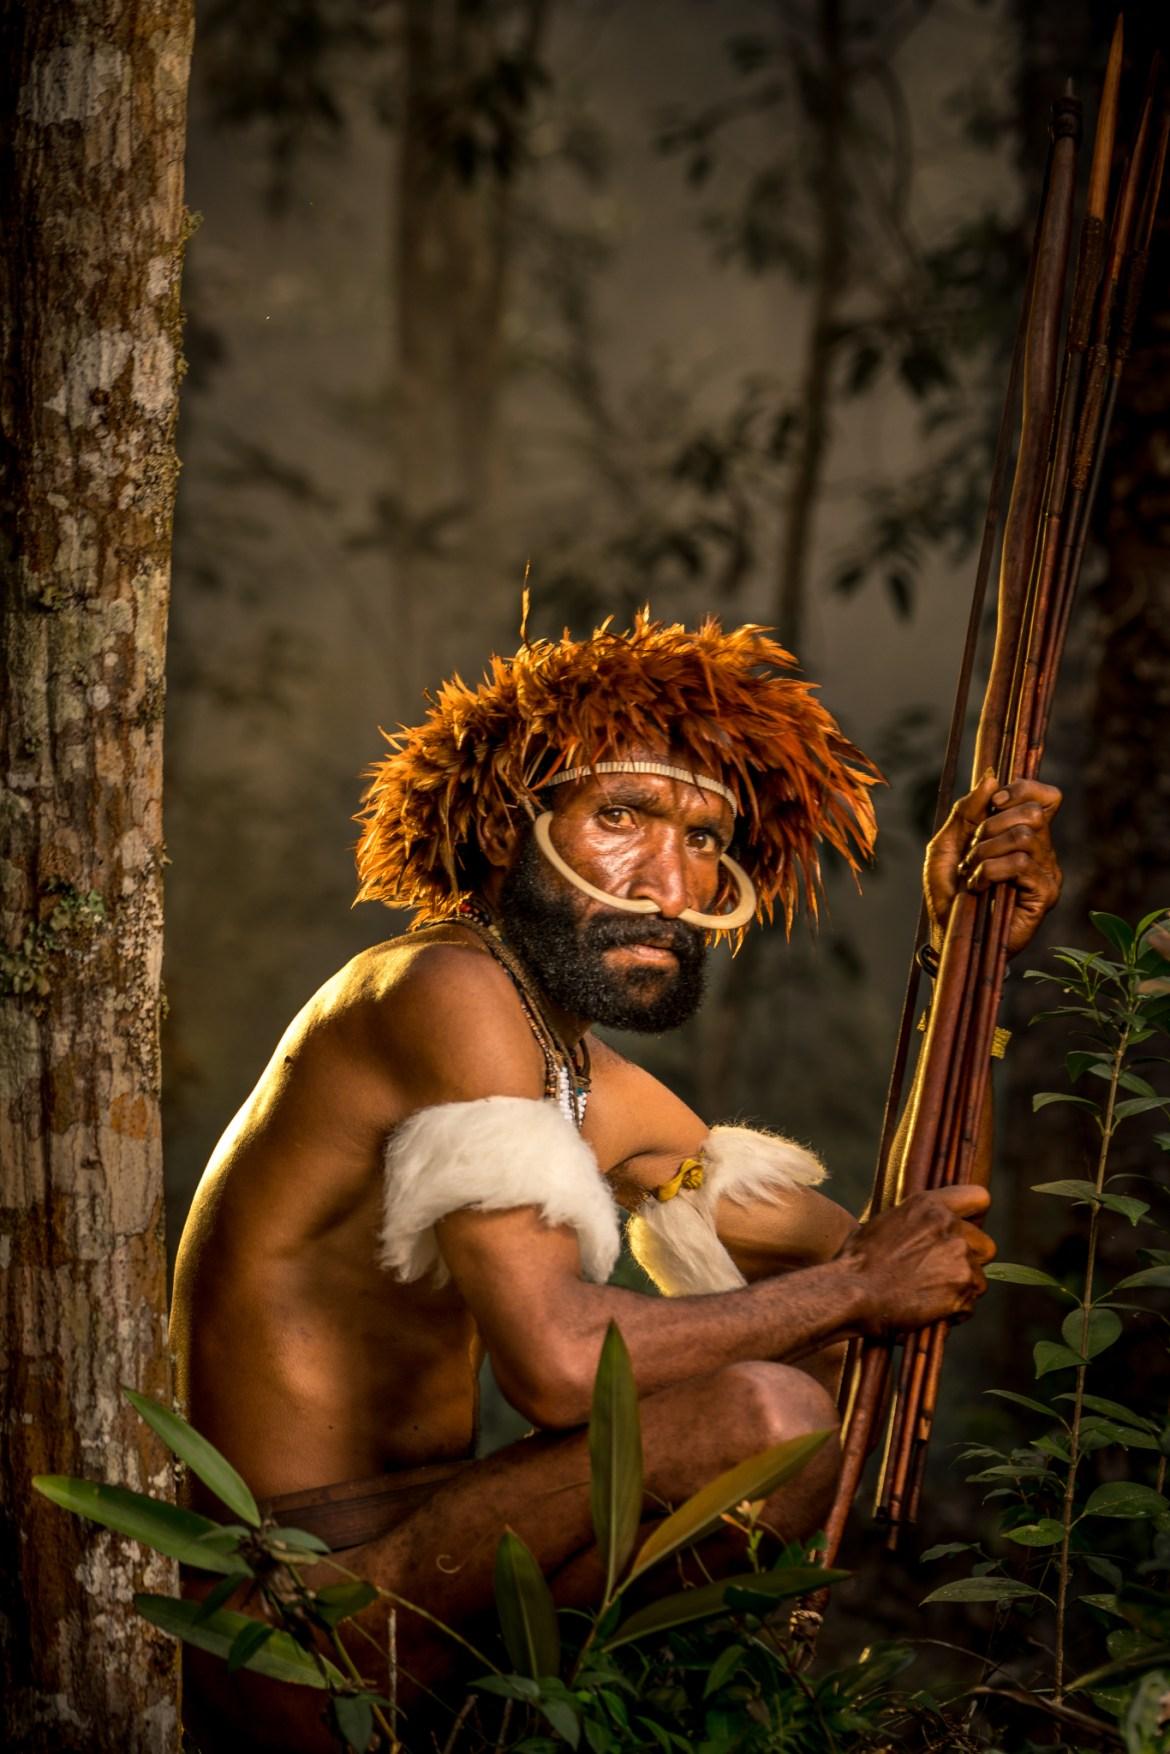 Orang-orang Dani di New Guinea Barat, Indonesia, adalah salah satu masyarakat terisolasi di dunia